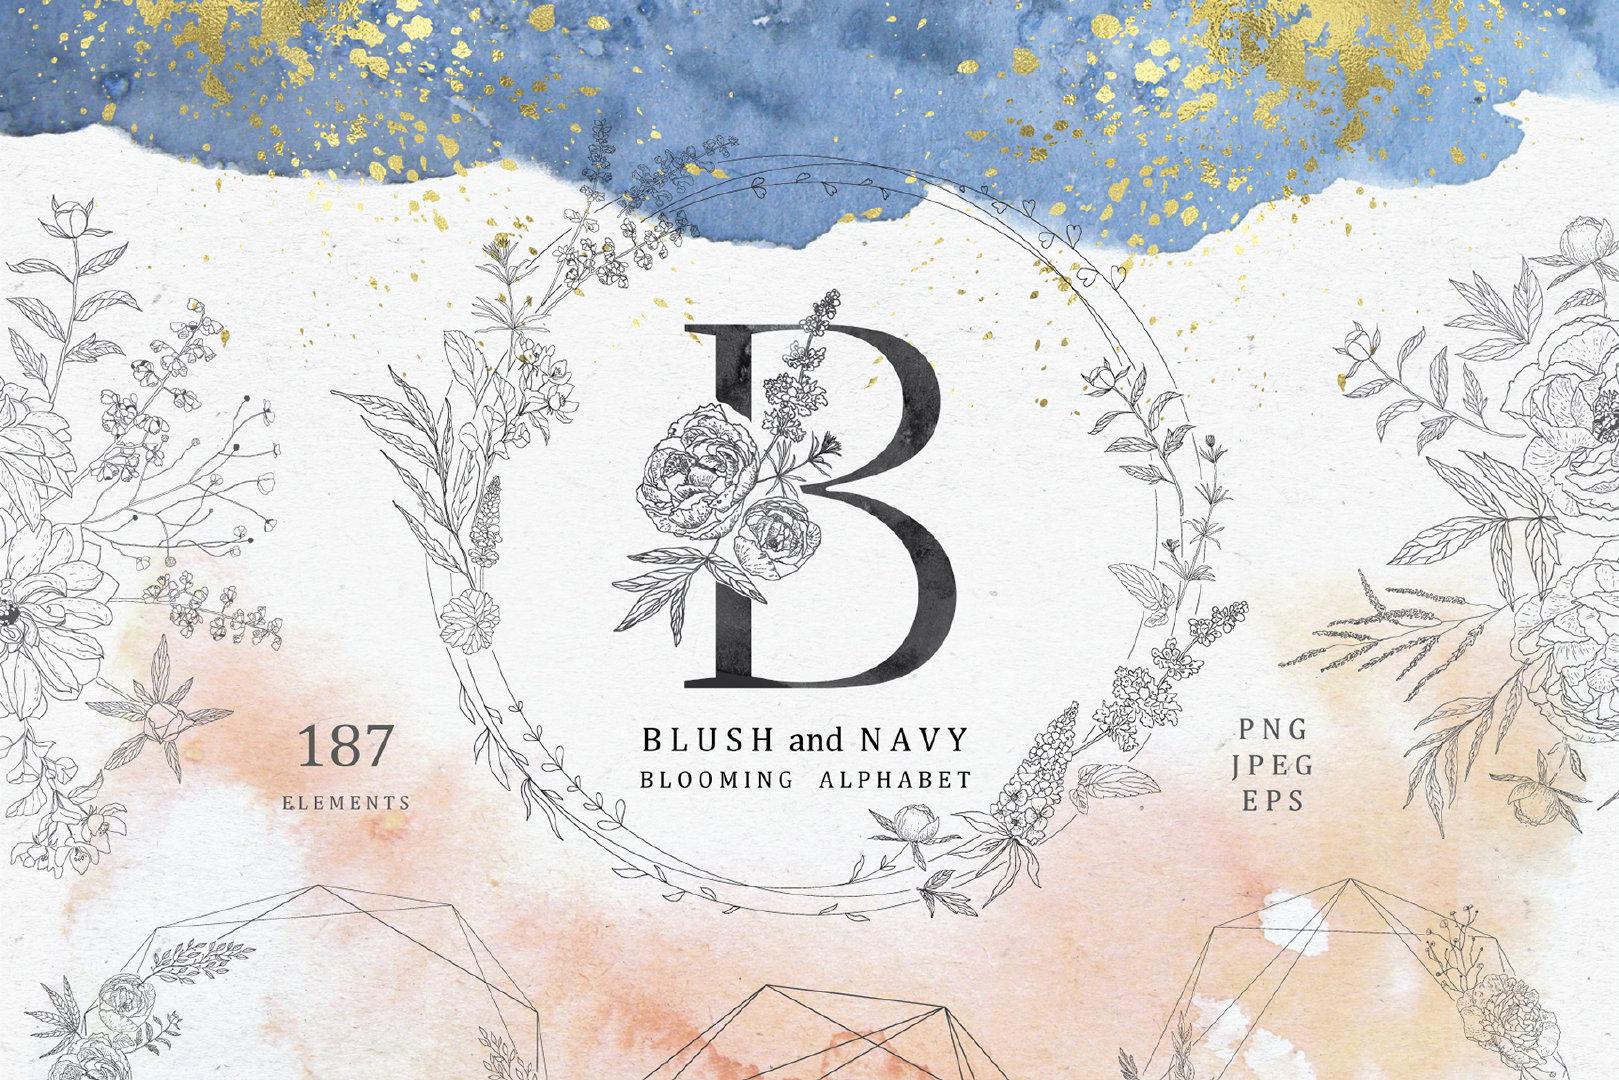 梦幻蓝色新字体文艺英文海军花卉装饰公司v梦幻开广告设计图案注意什么图片